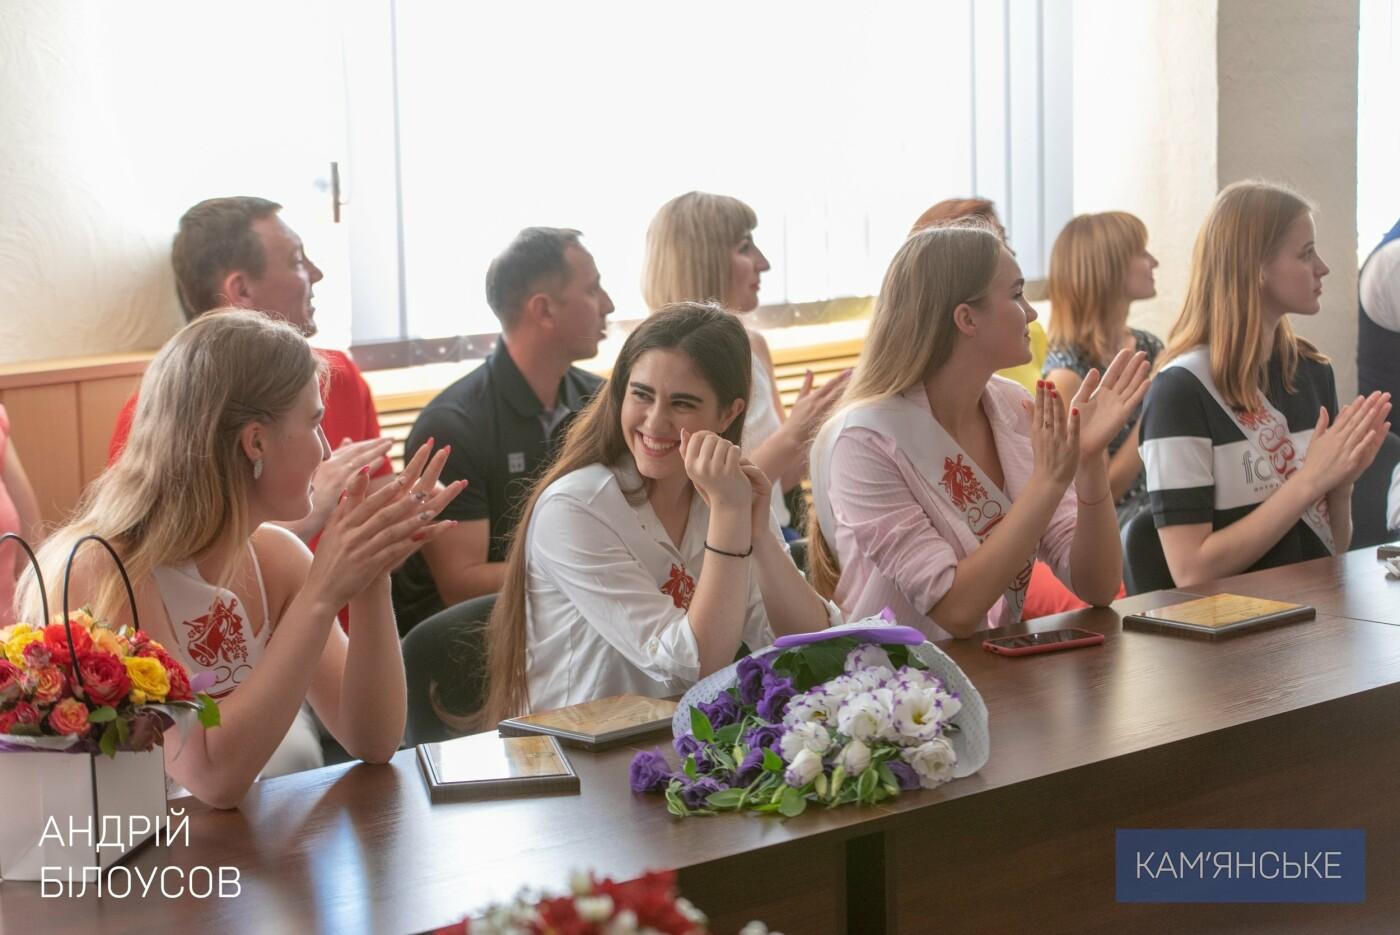 Выпускникам ДЮСШ №4 вручили свидетельства об окончании спортшколы, фото-6